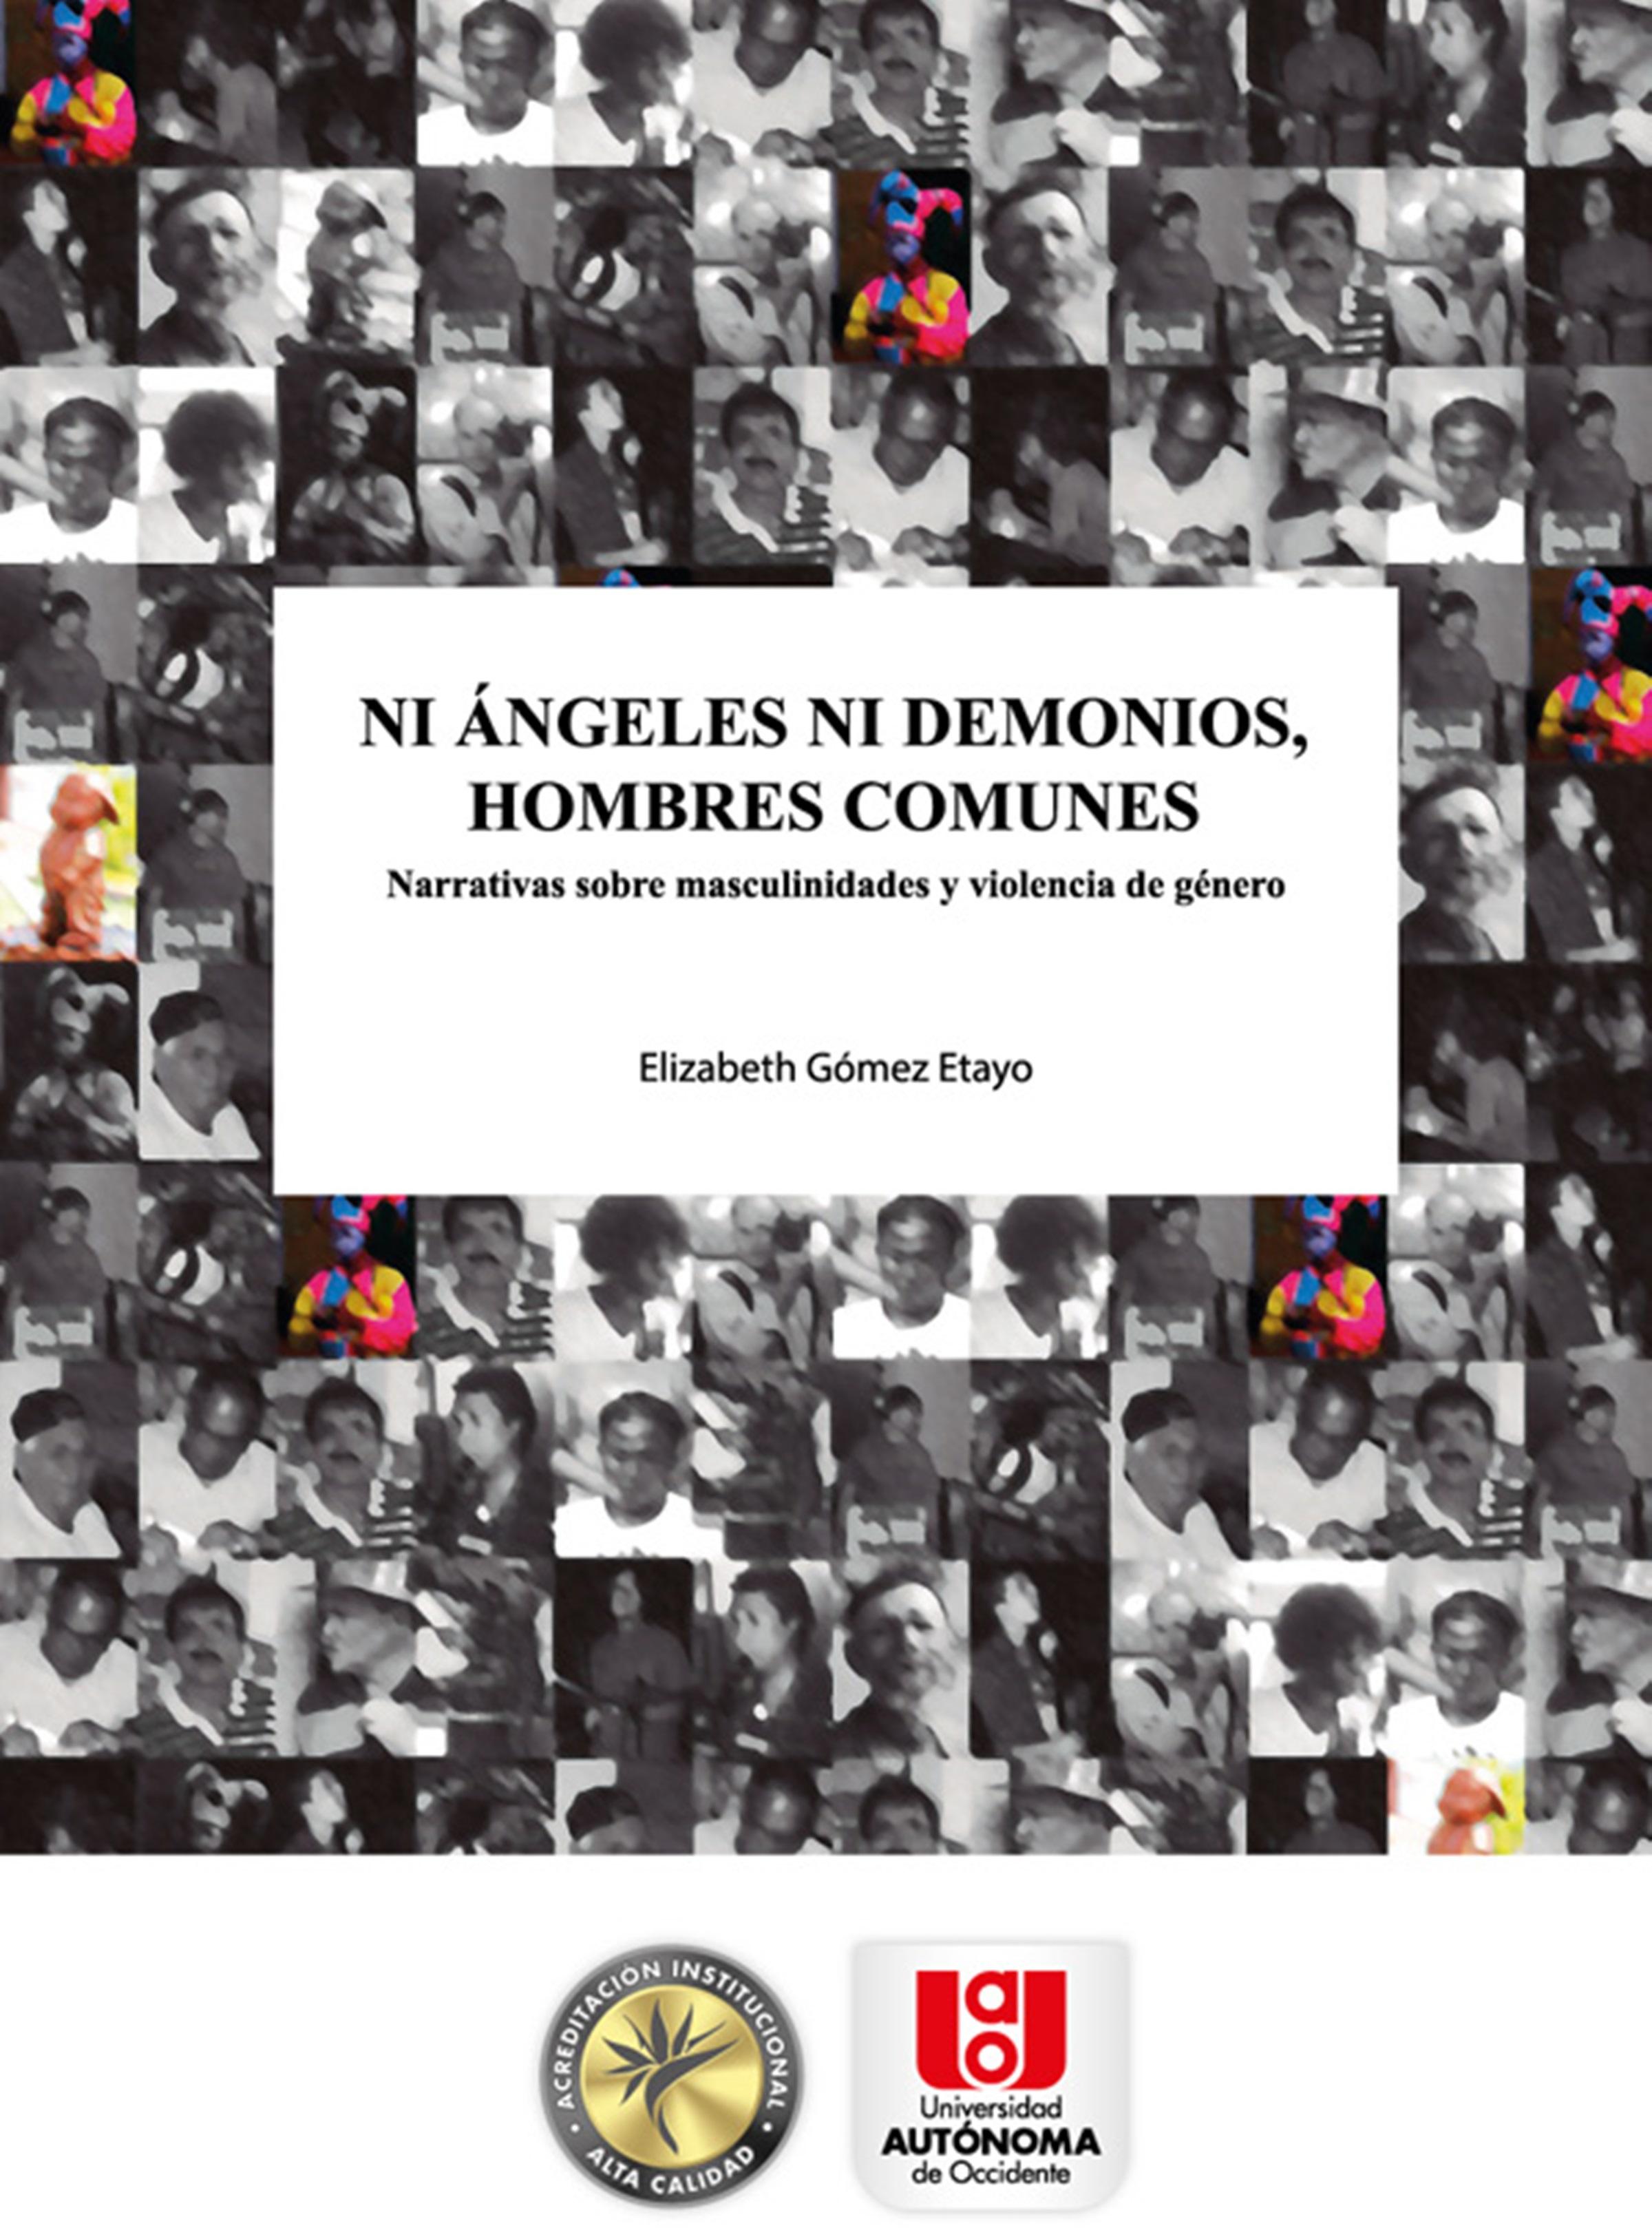 Elizabeth Gómez Etayo Ni ángeles ni demonios, hombres comunes elizabeth gómez etayo ni ángeles ni demonios hombres comunes